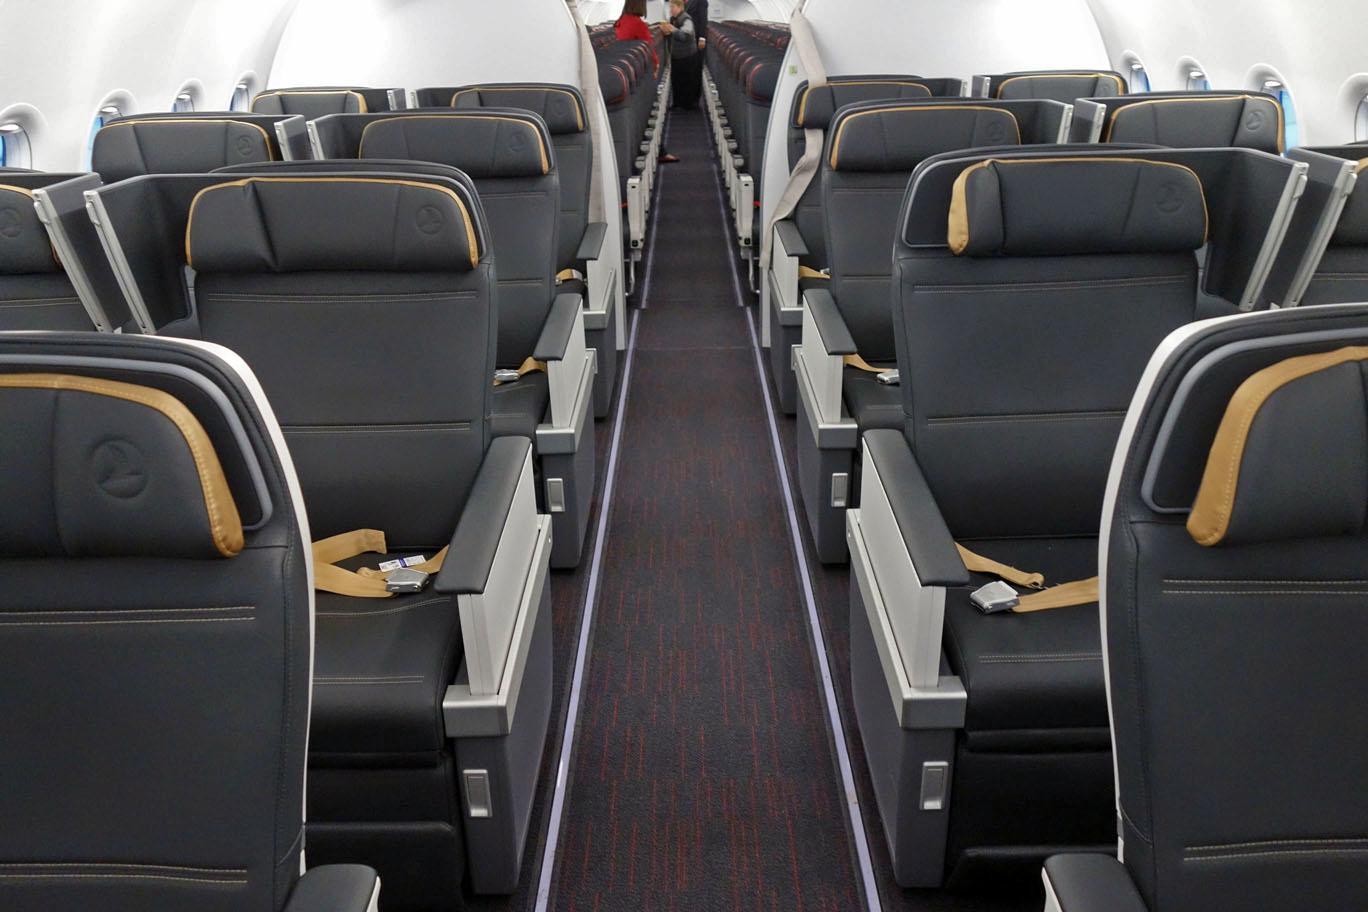 Скидка 50% на премиальные билеты Turkish Airlines